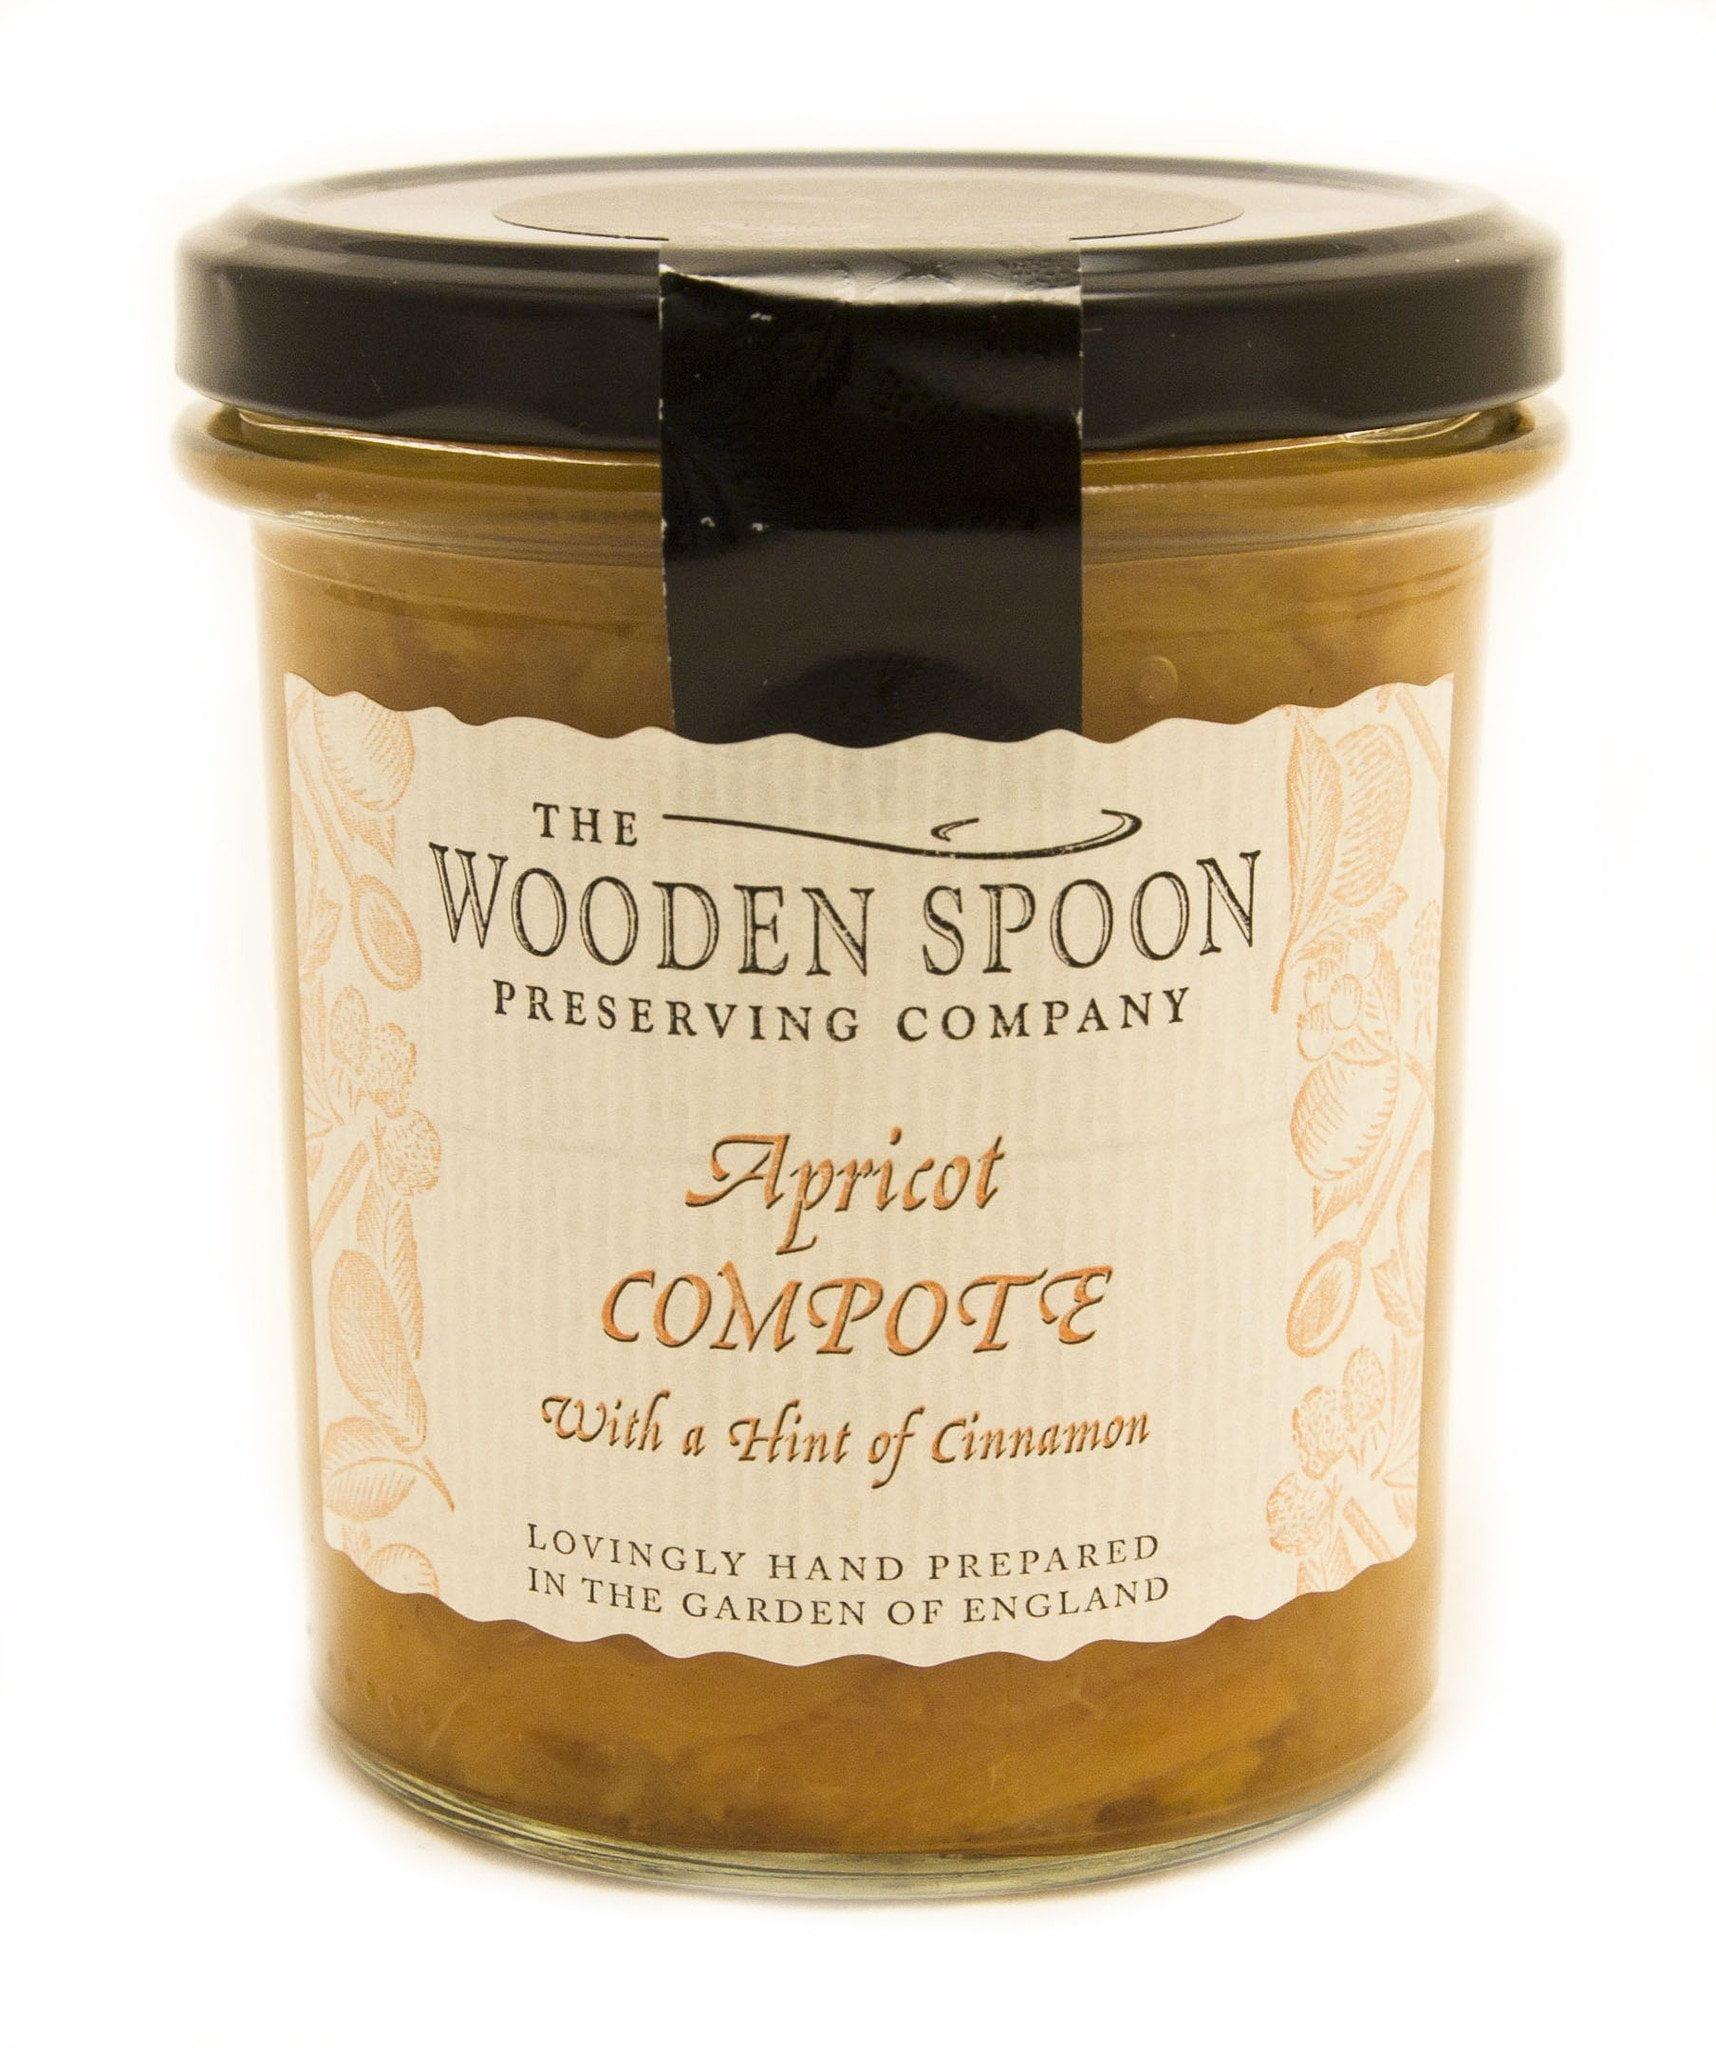 Apricot & Cinnamon - Compote